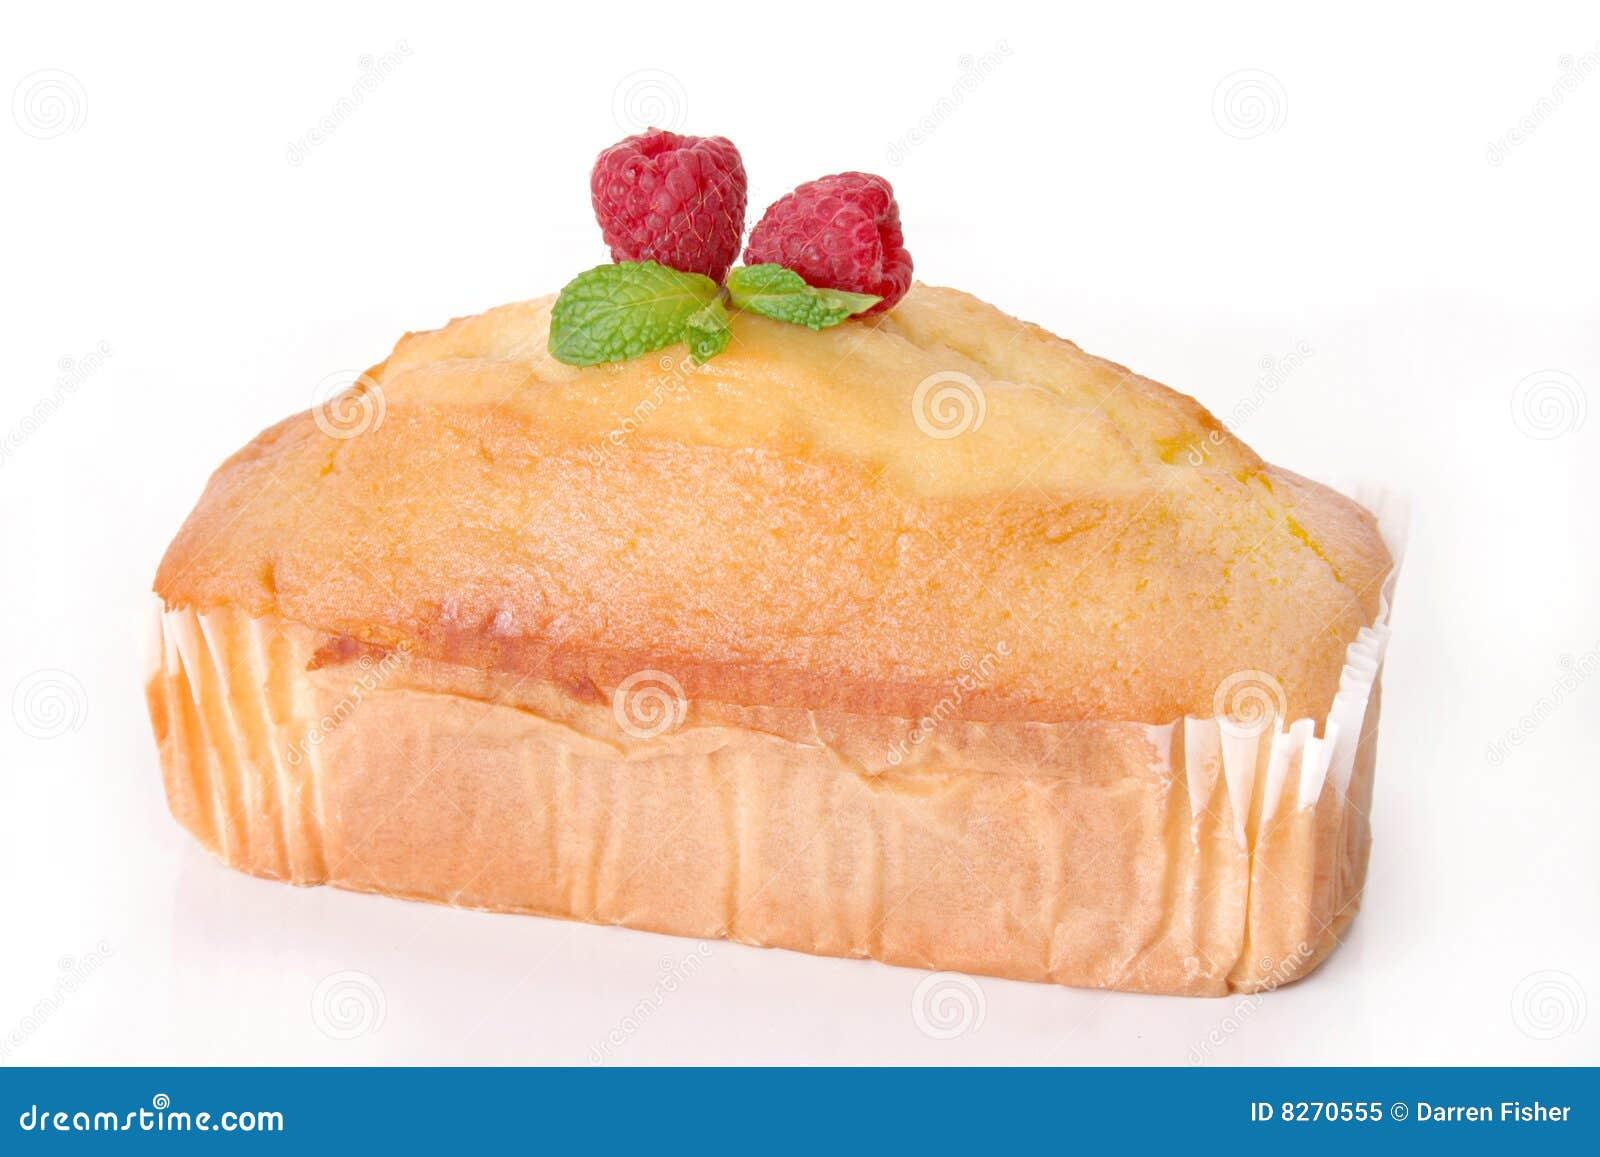 Fruit Topping For Lemon Pound Cake